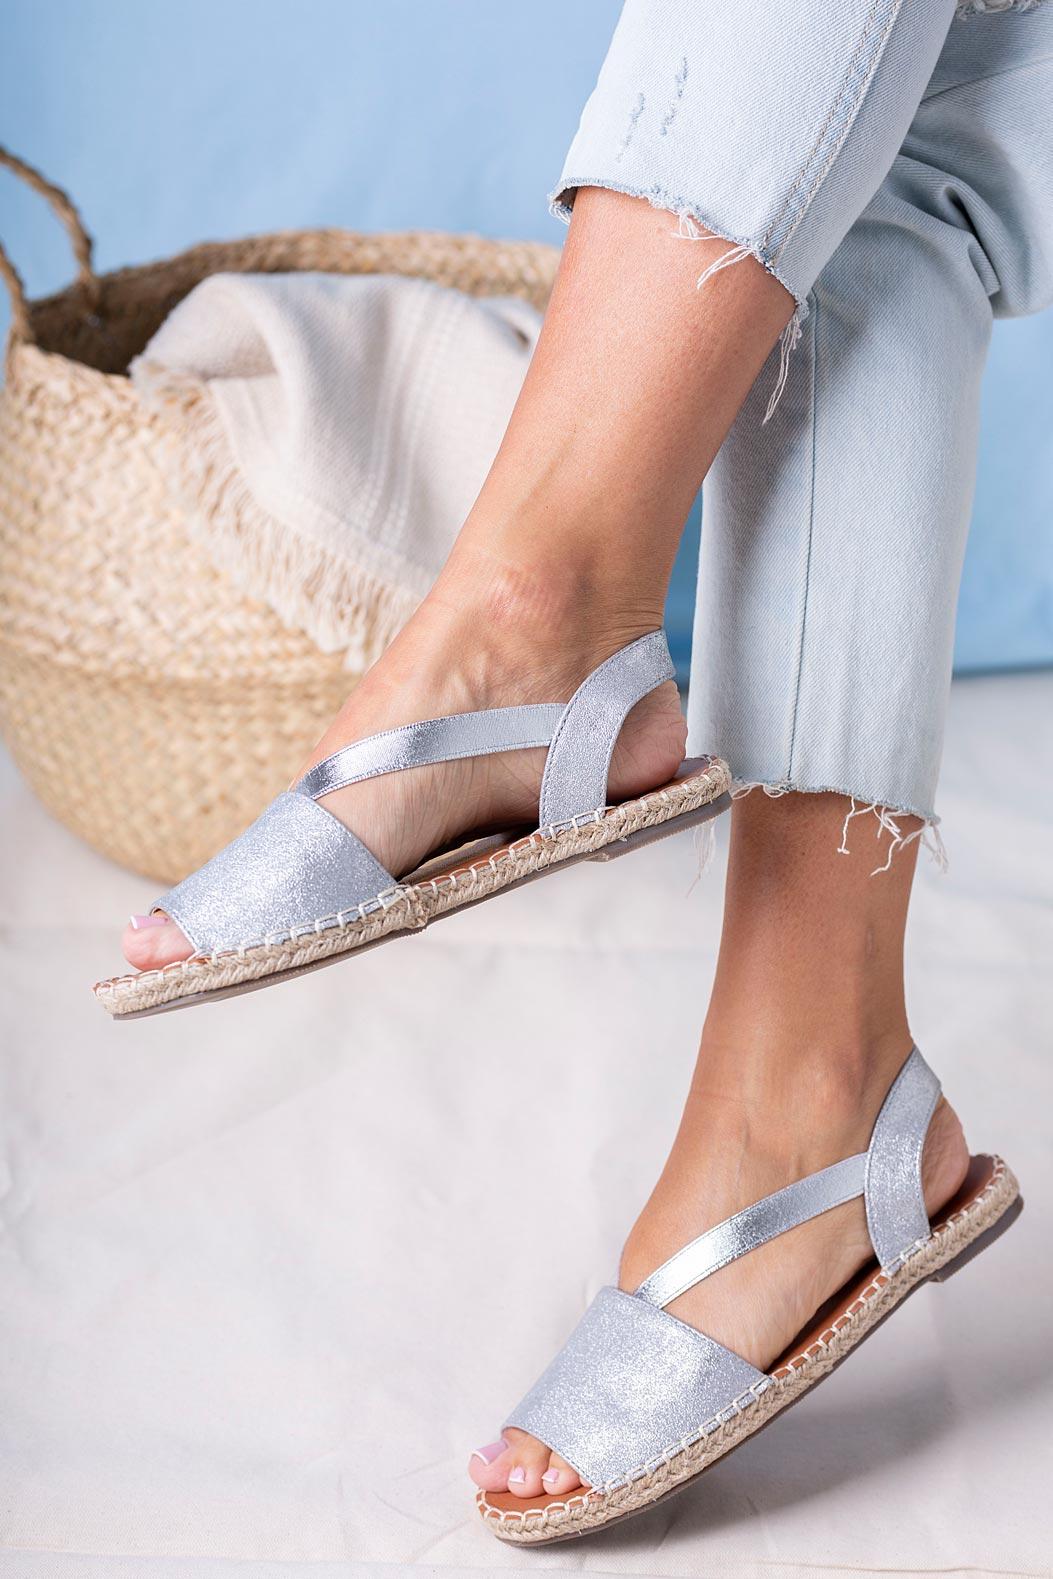 Srebrne sandały espadryle błyszczące płaskie z gumką Casu SN20X5/S producent Casu